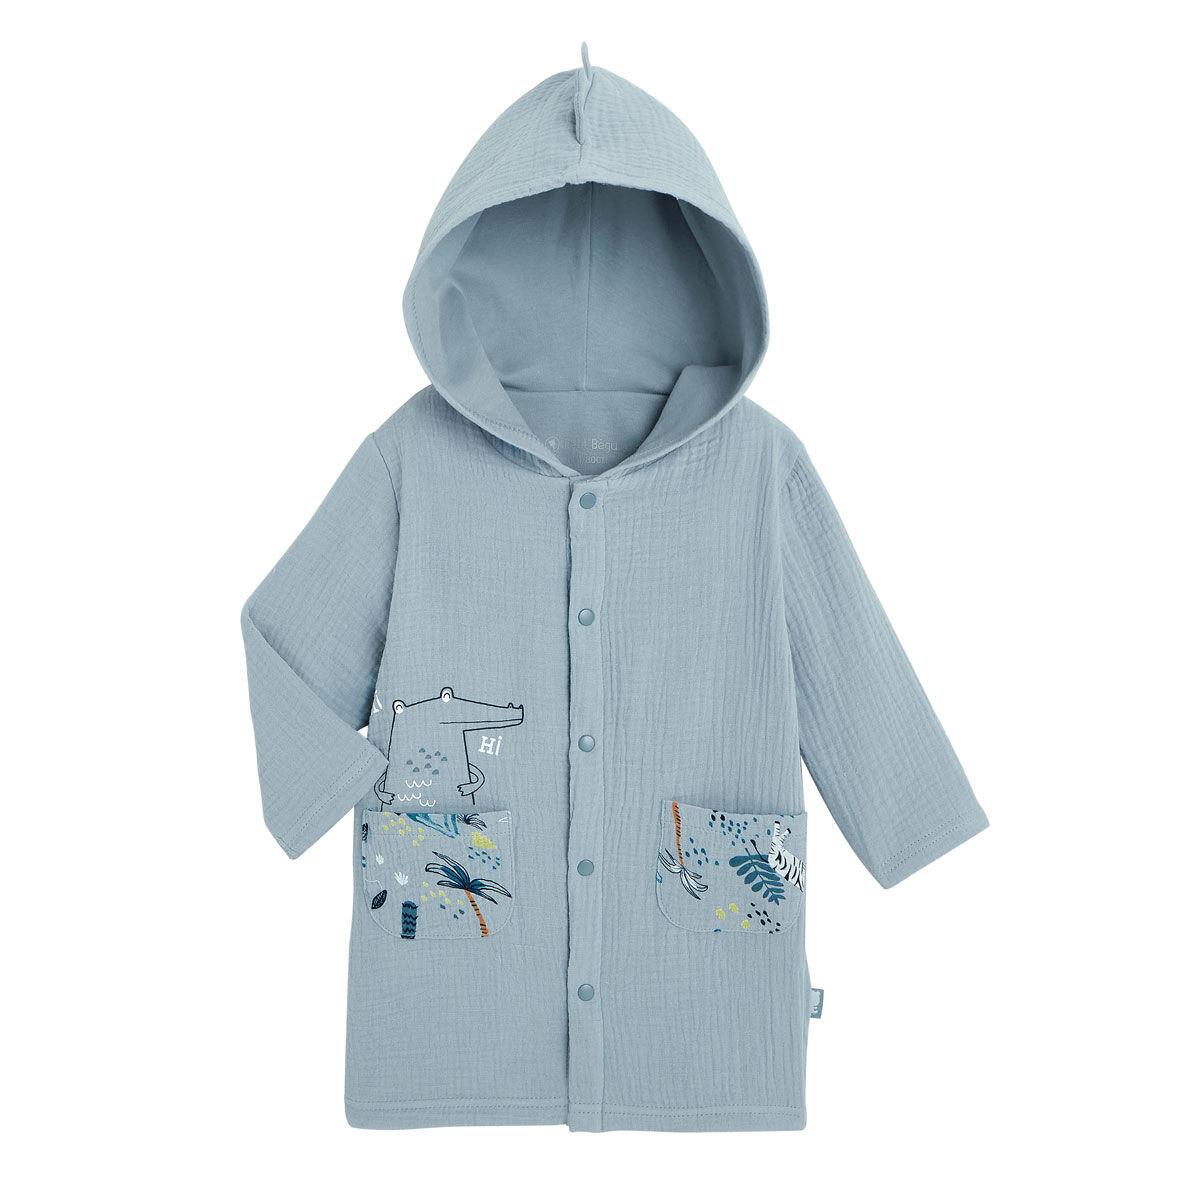 Petit Béguin Robe de chambre doublée bébé garçon Croco Jungle - Taille - 9 mois